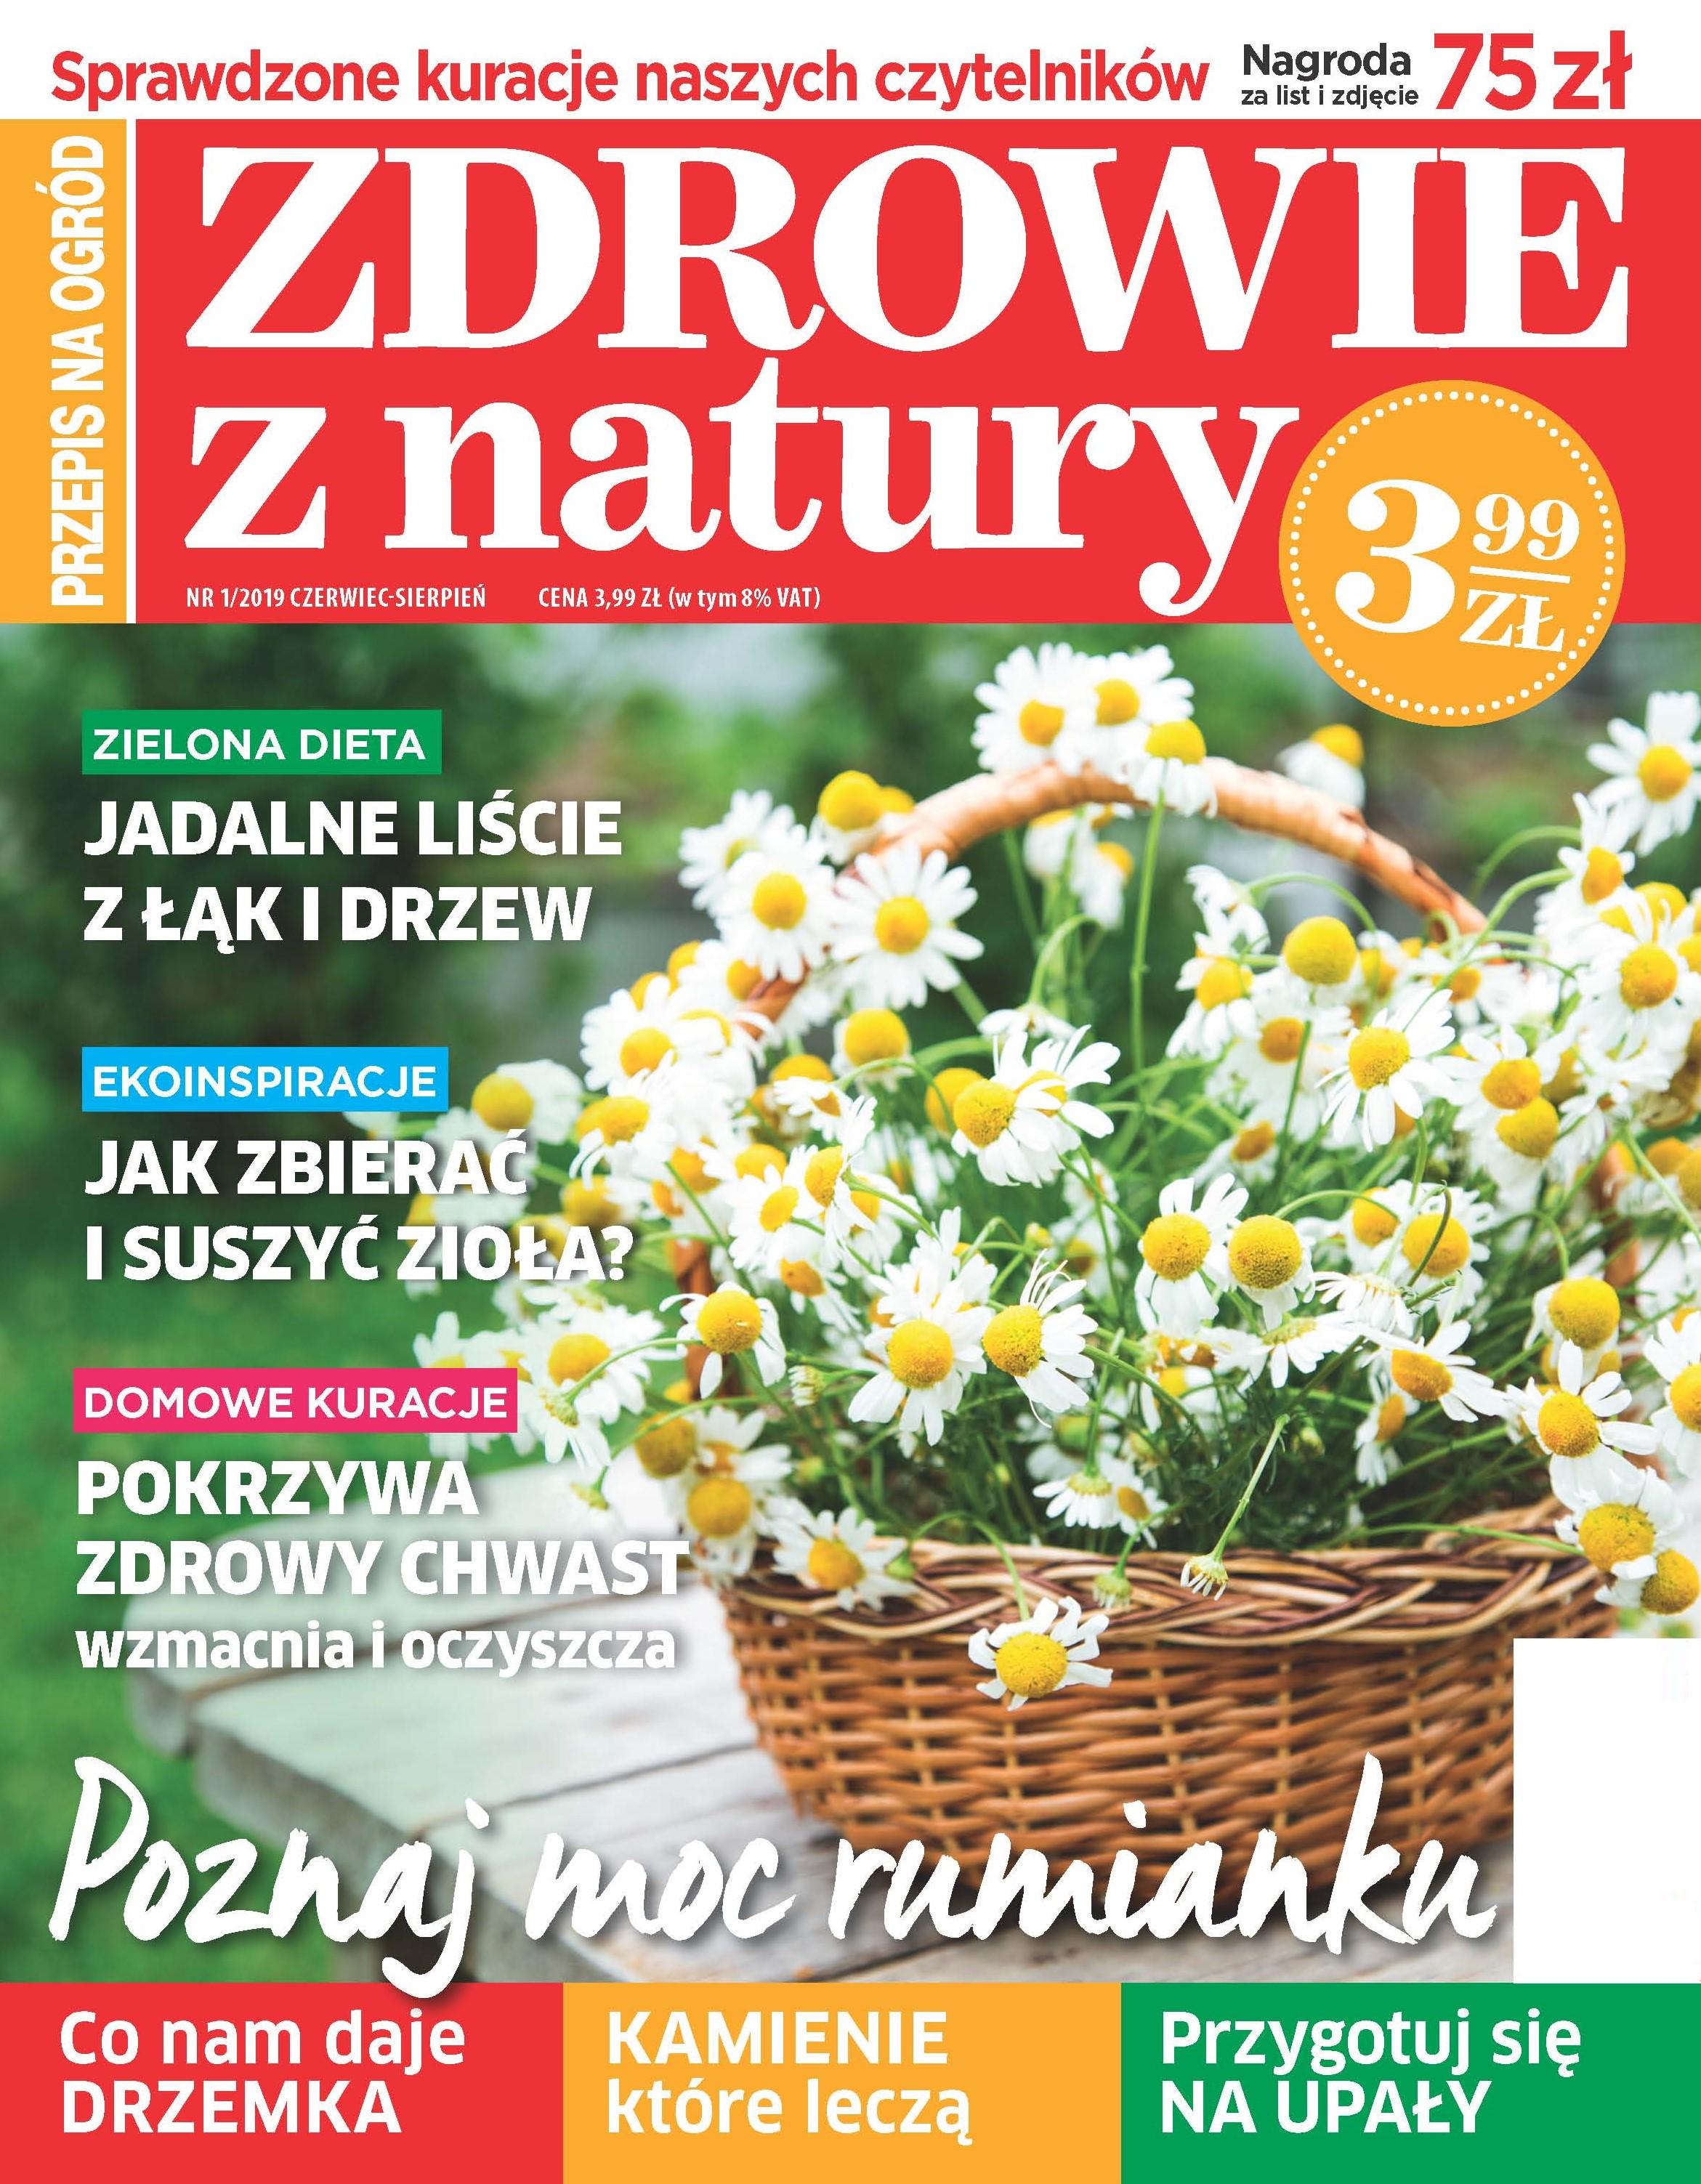 Przepis Na Ogrod Zdrowie Z Natury 1 2019 Moj Piekny Ogrod Ogrody Ozdobne Rosliny Kwiaty